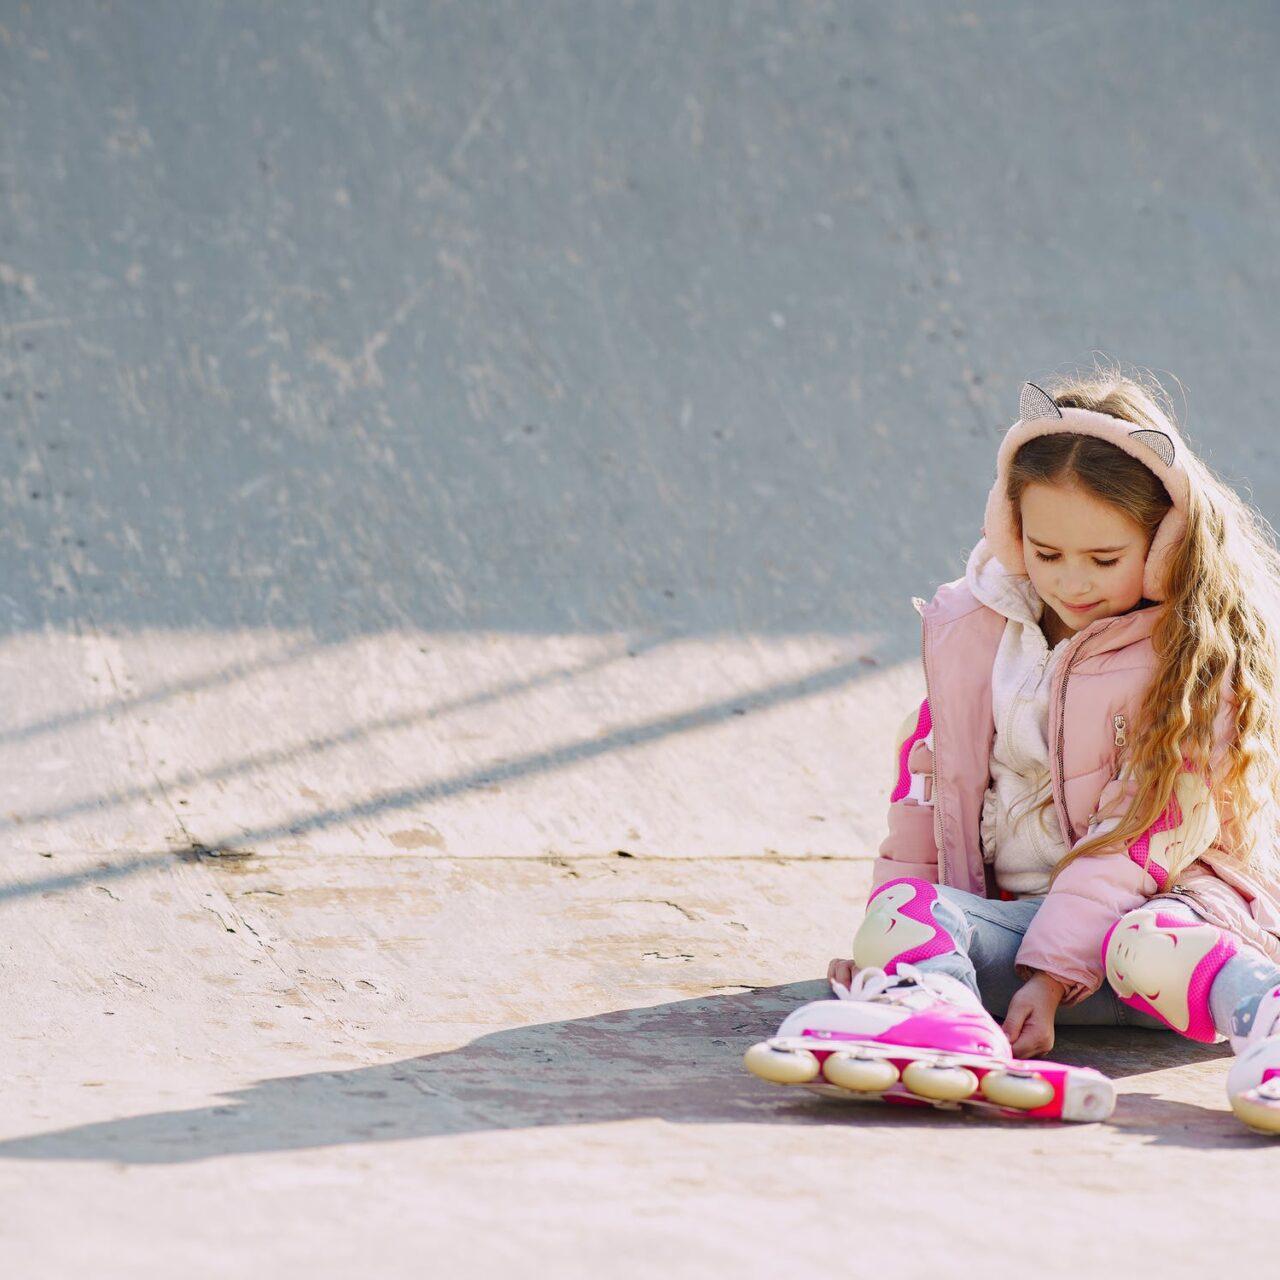 Pričajte s djecom predškolske dobi o emocijama